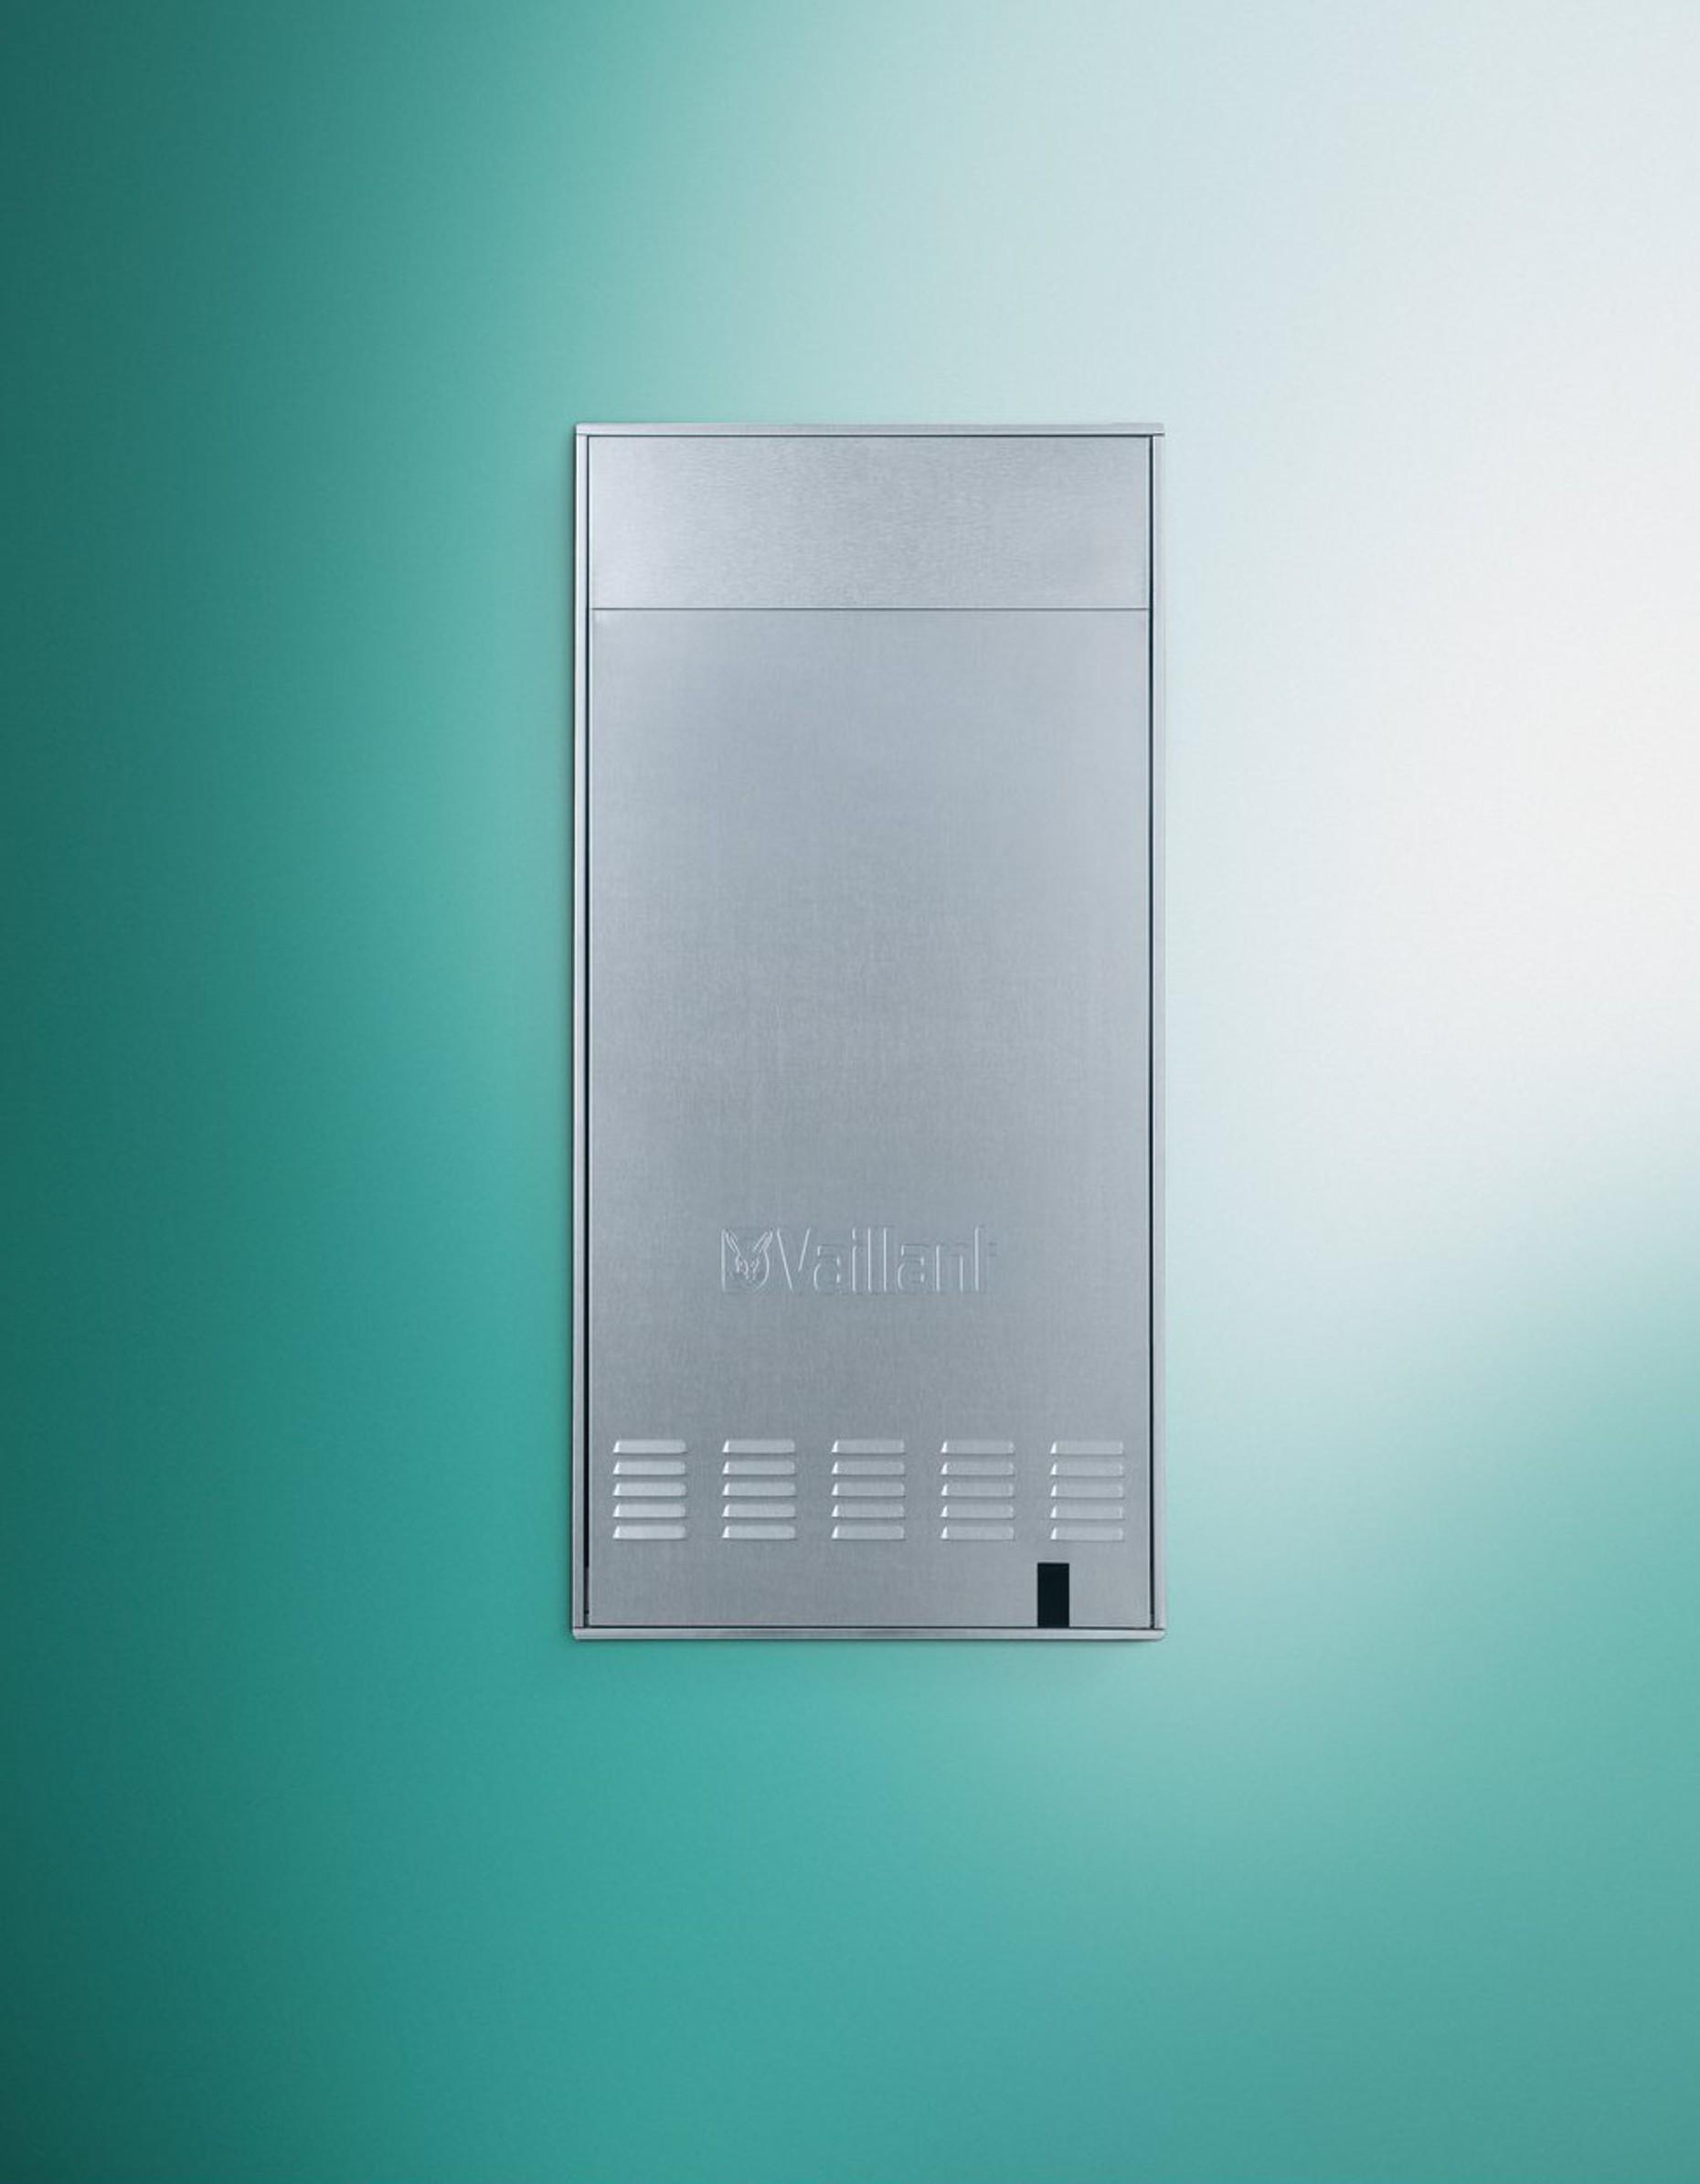 Caldaia murale a condensazione ad incasso ecoINWALL plus VM - Per riscaldamento - Vaillant